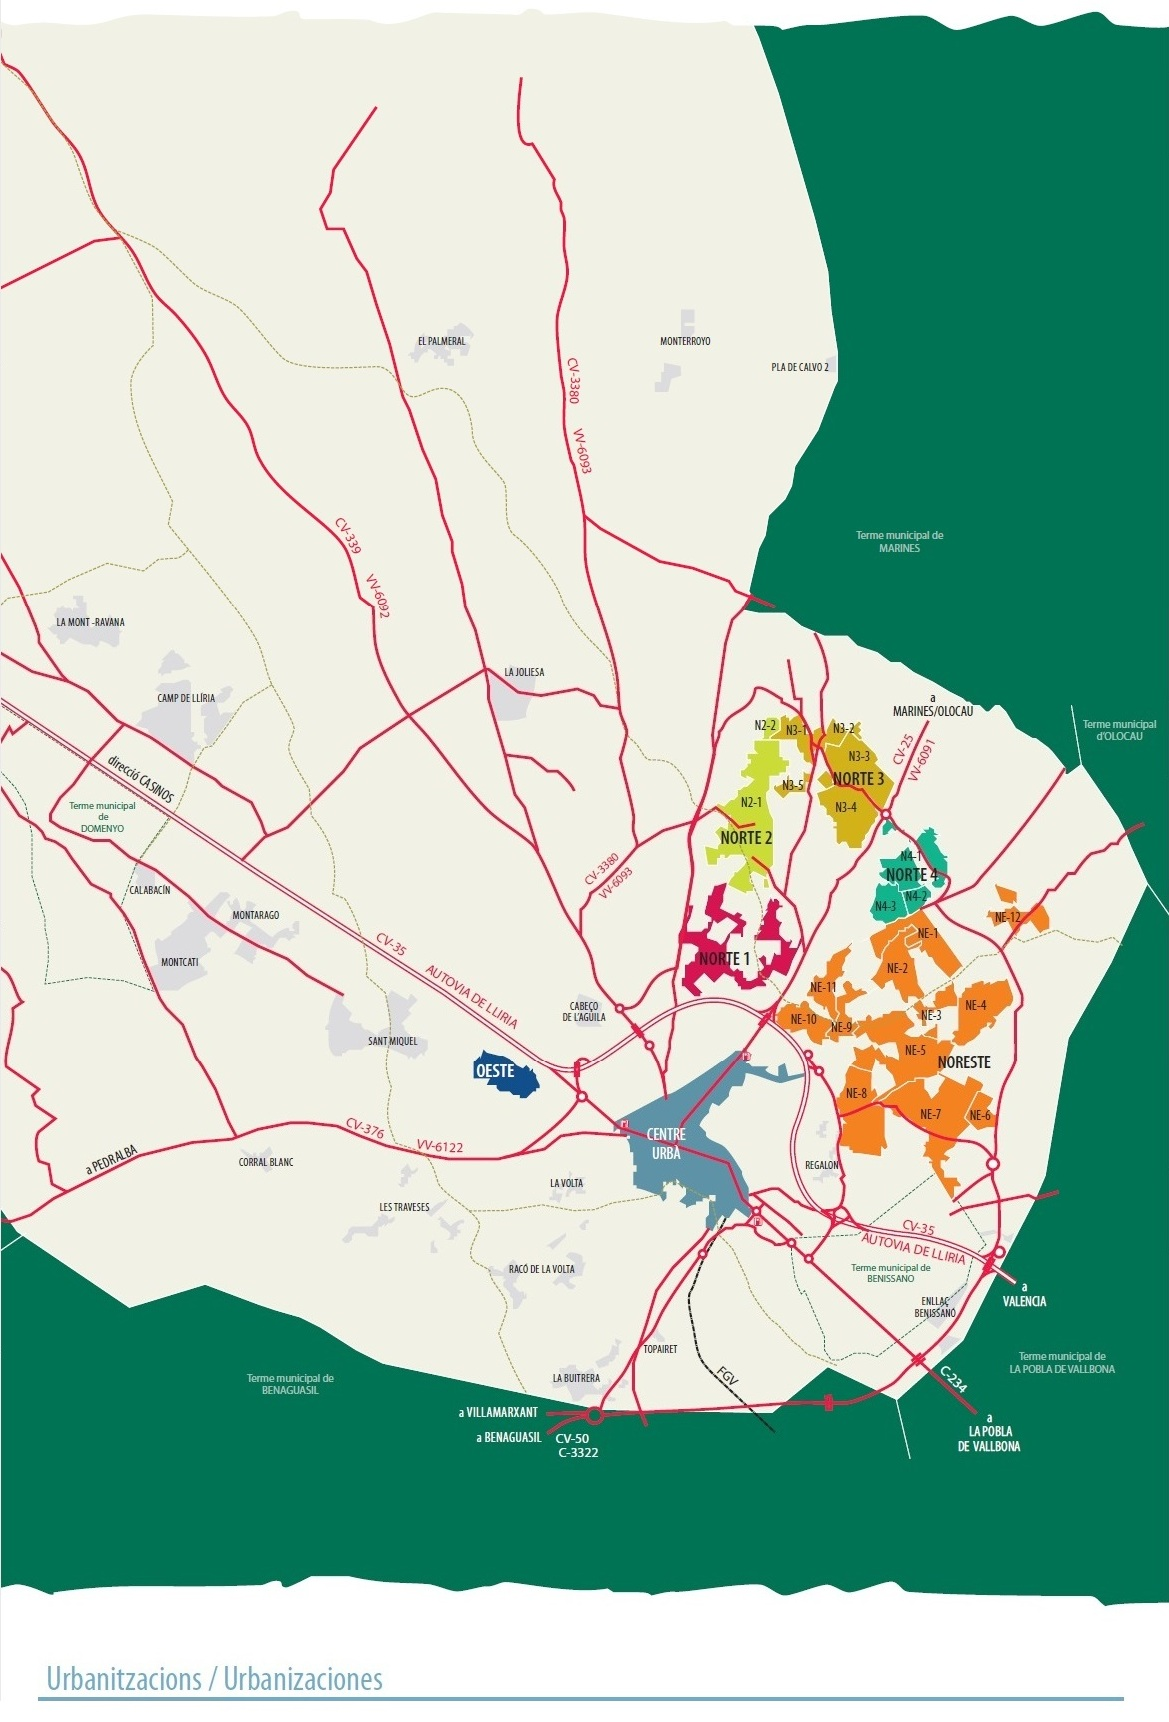 Mapa urbanizaciones Lliria